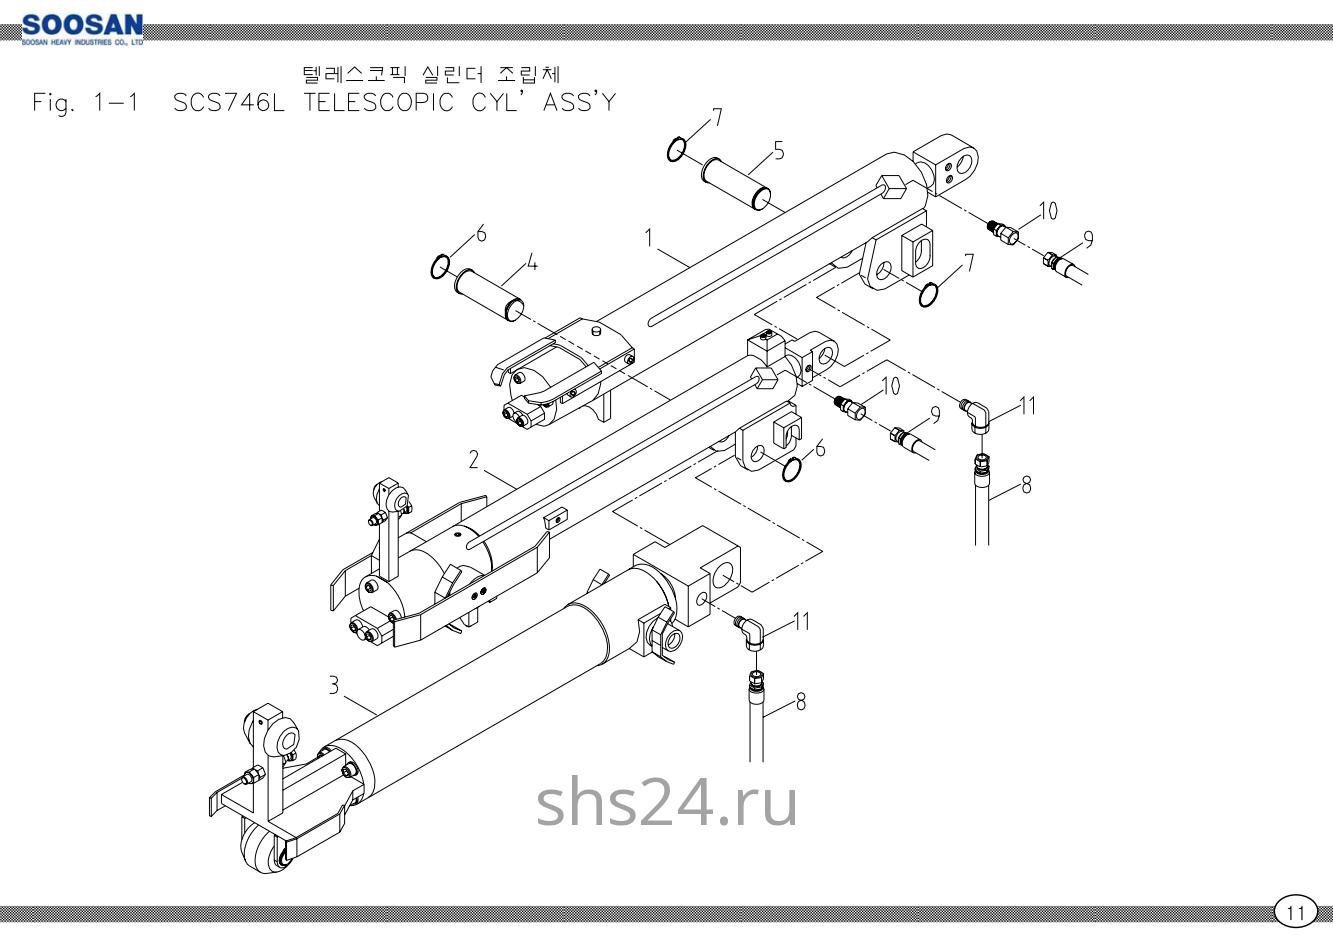 Гидроцилиндры выдвижения стрелы в сборе Soosan SCS746L